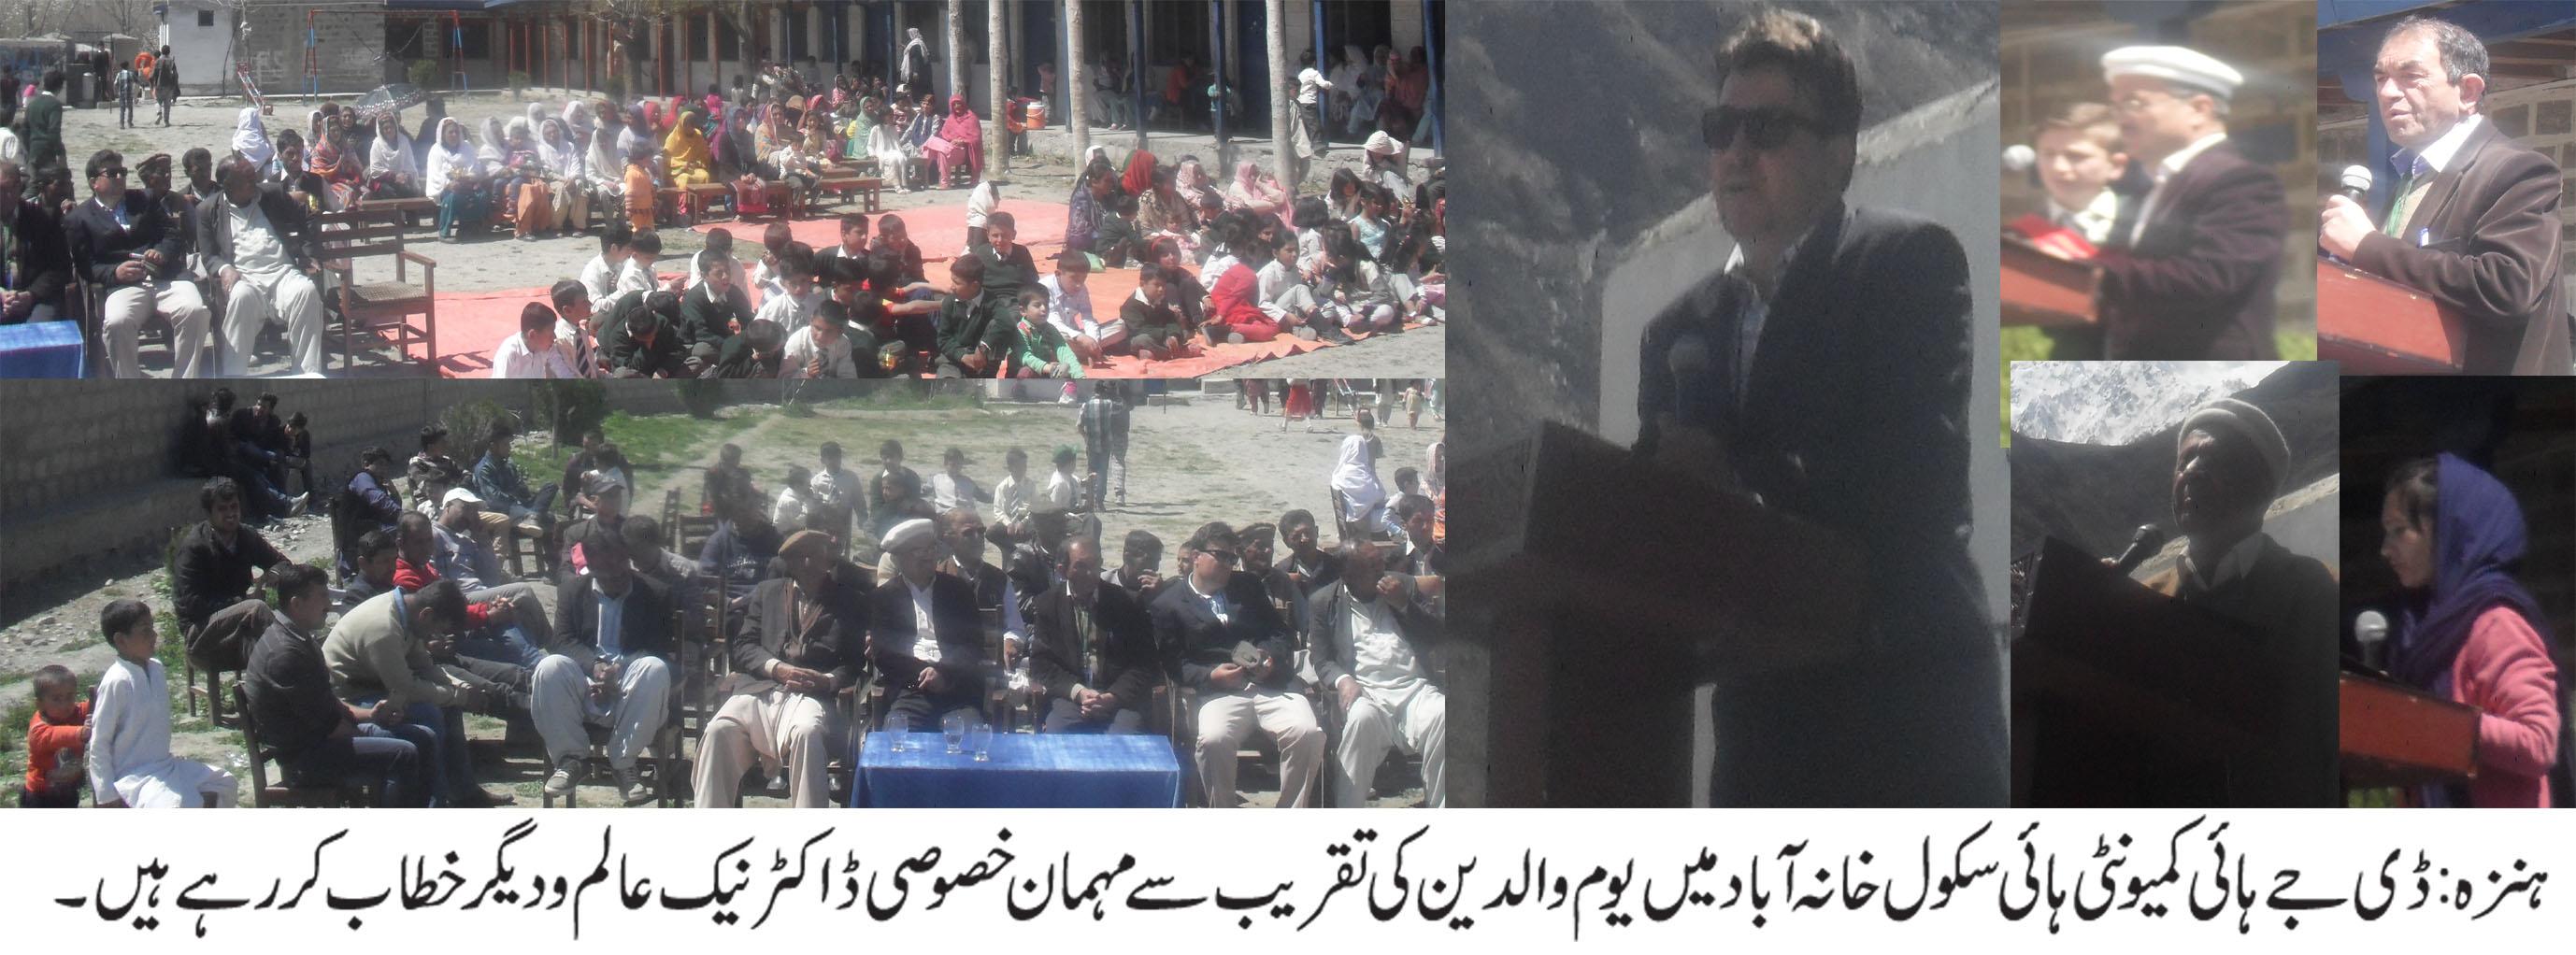 ہنزہ : آغا خان ڈائمنڈ جوبلی کمیونٹی سکول خانہ آباد کا نتیجہ 97 فیصد رہا